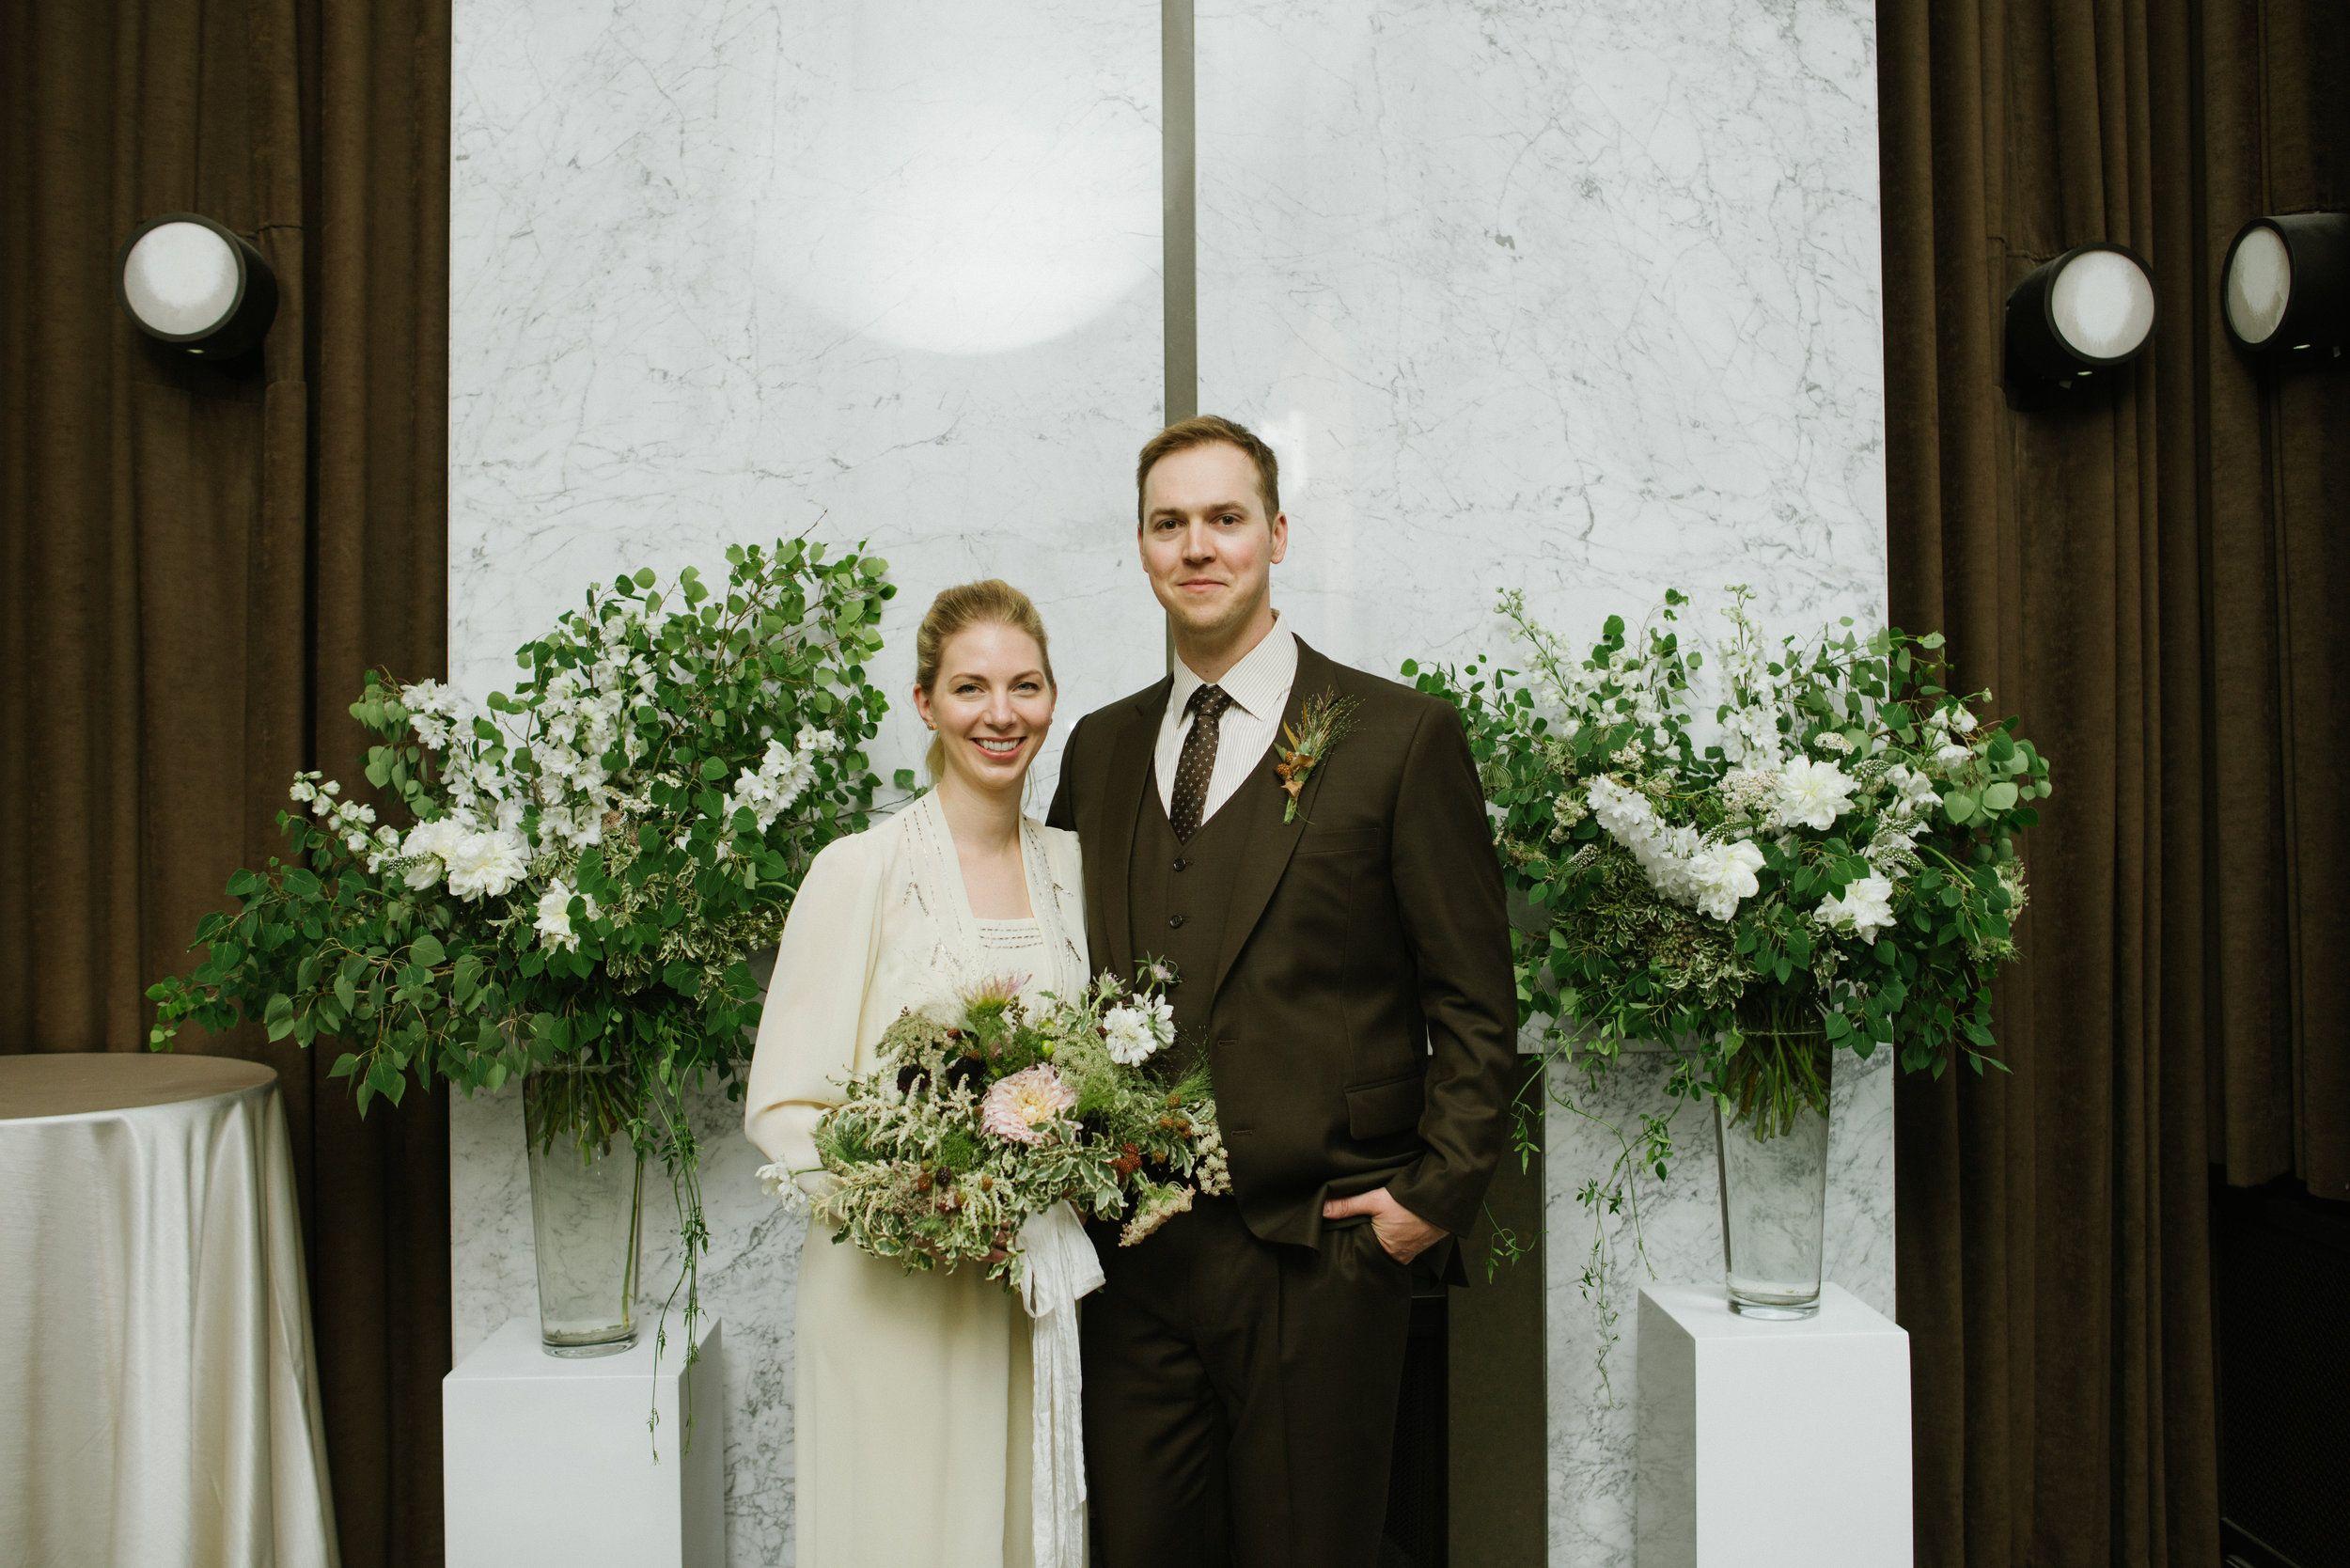 Calgary Wedding Photography Teatro Weddings Christy D Swanberg Photography Wedding Photography Wedding Modern Wedding